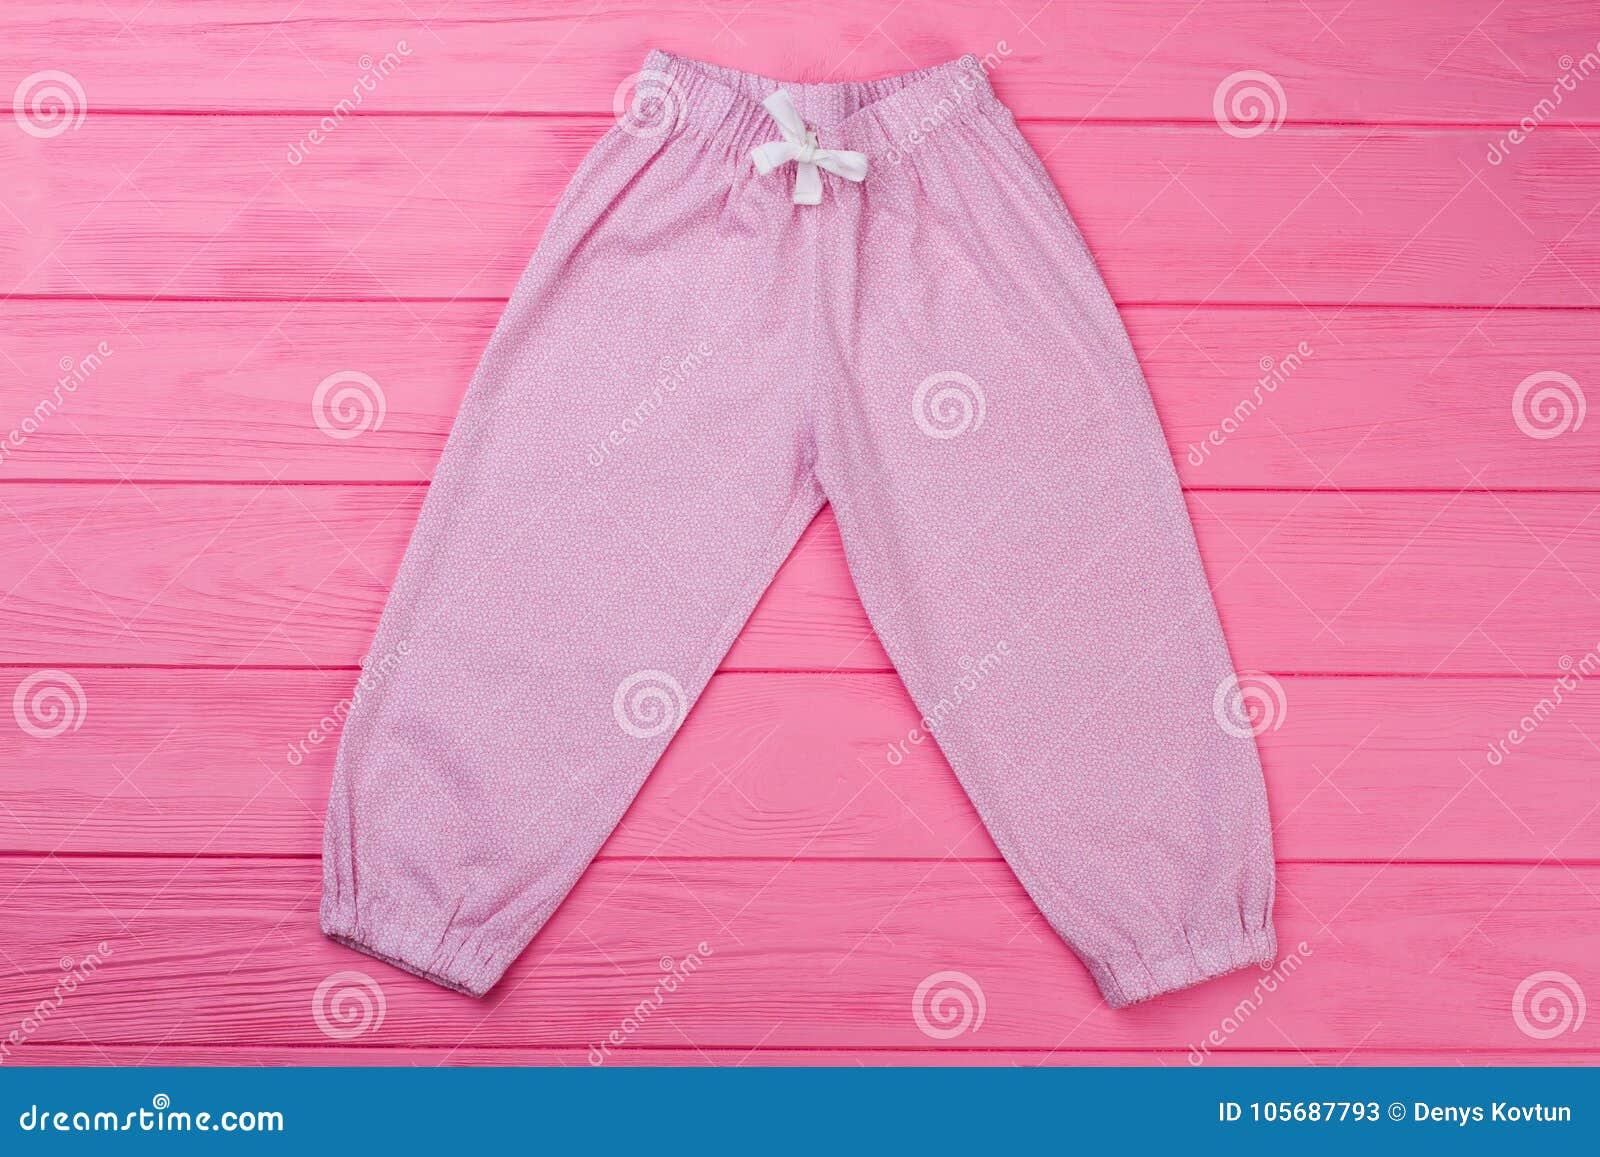 Pantalones Rosados Con El Modelo Fino Imagen De Archivo Imagen De Modelo Fino 105687793